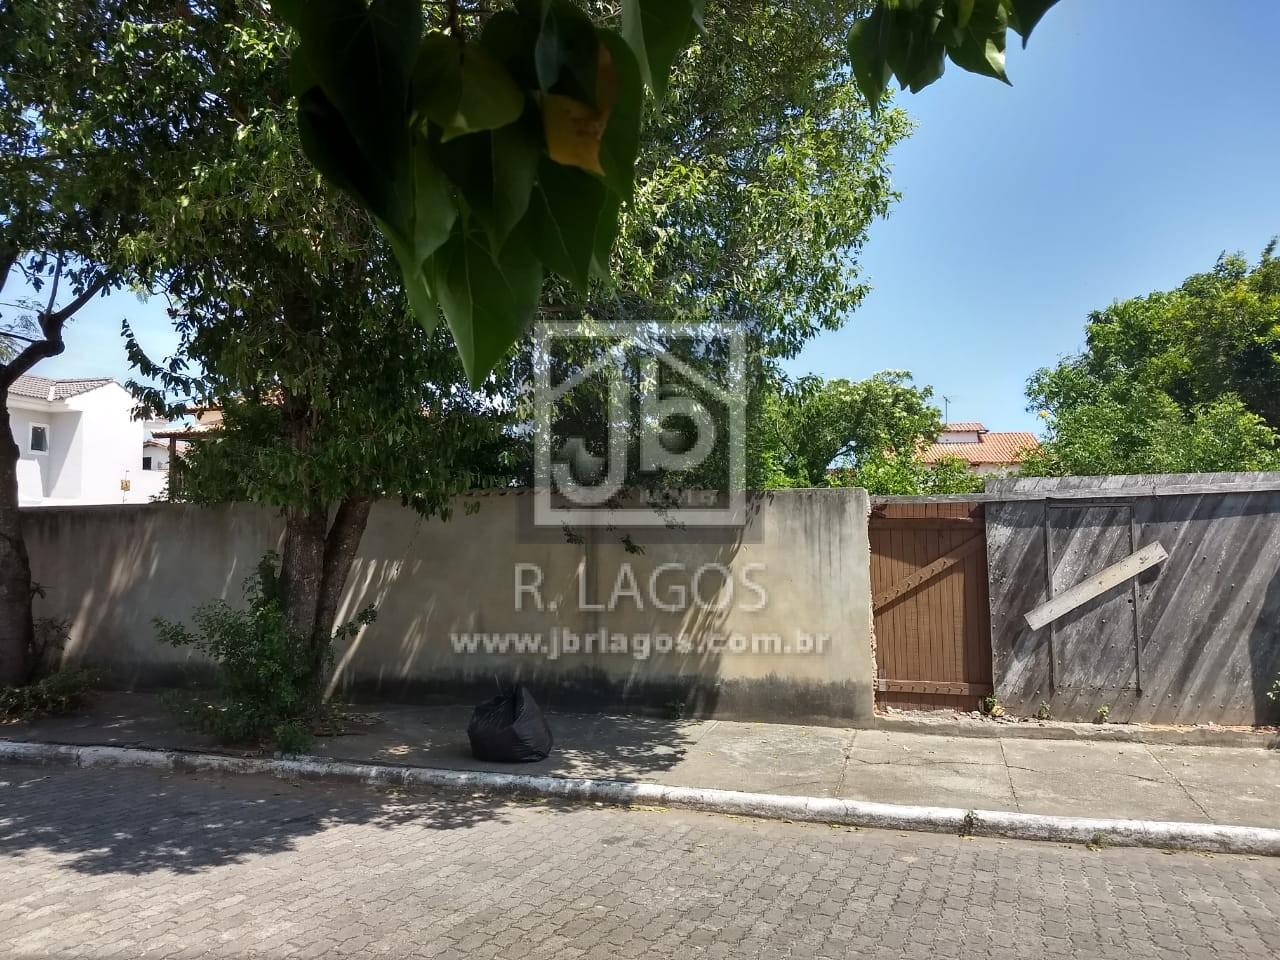 Excelente terreno plano e murado no melhor bairro de Cabo Frio, perto do comercio, Canal, Shopping e Centro